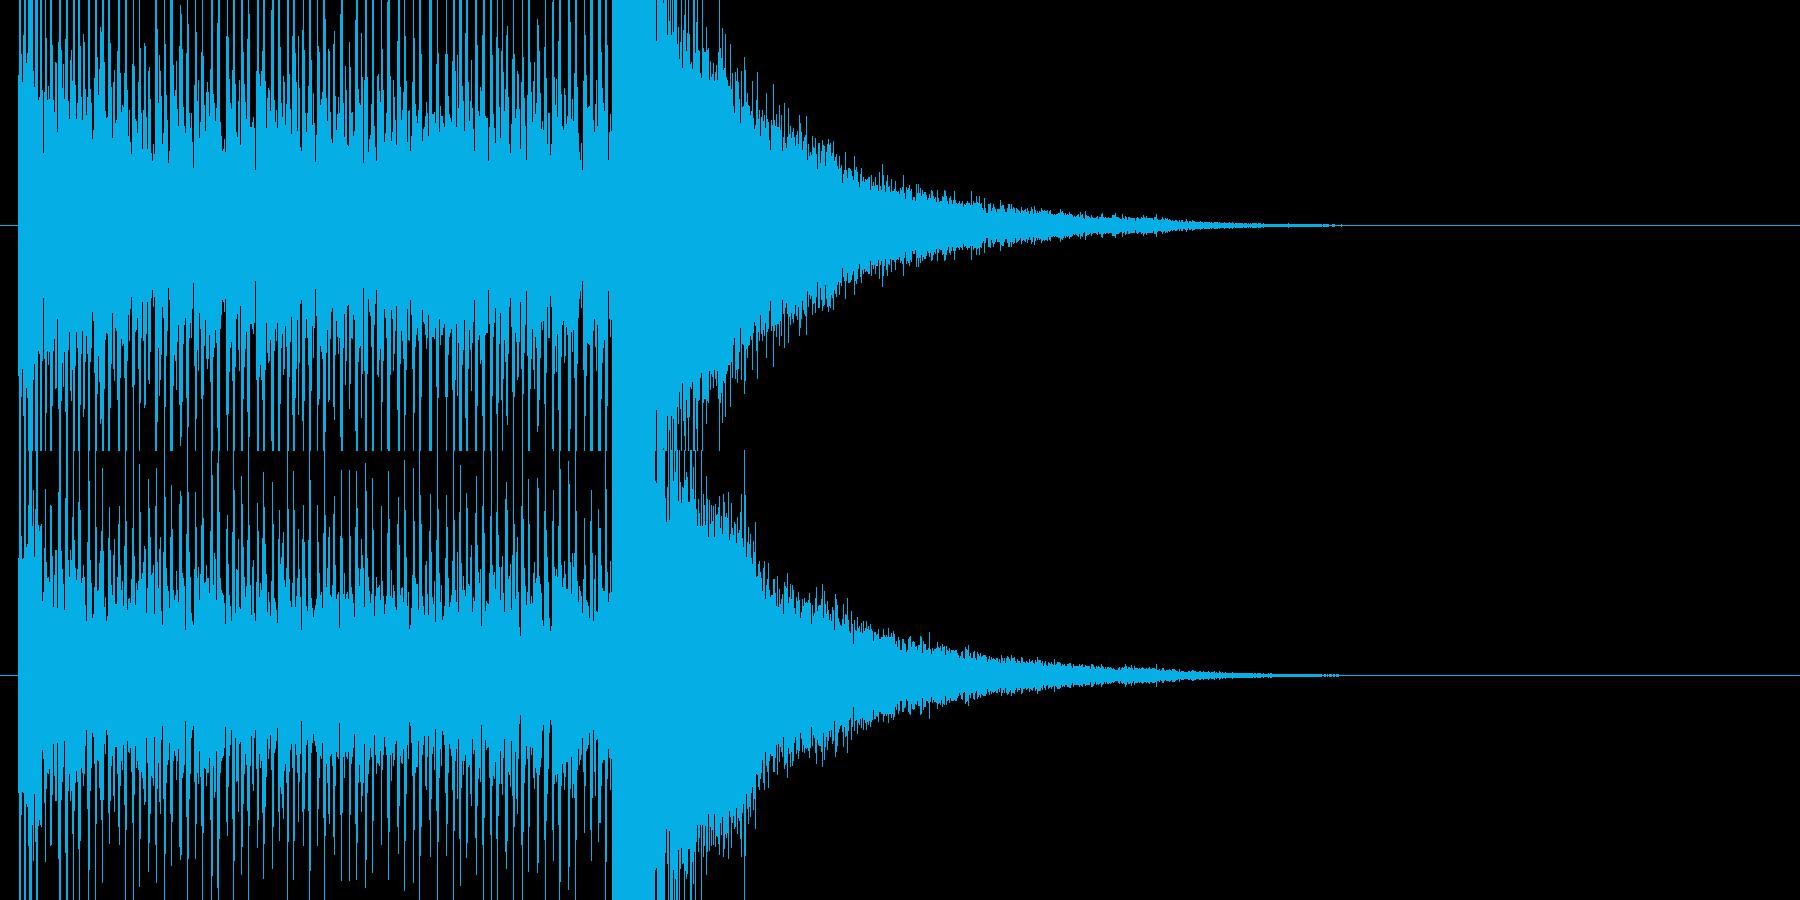 結果発表を期待させるドラムロールの再生済みの波形